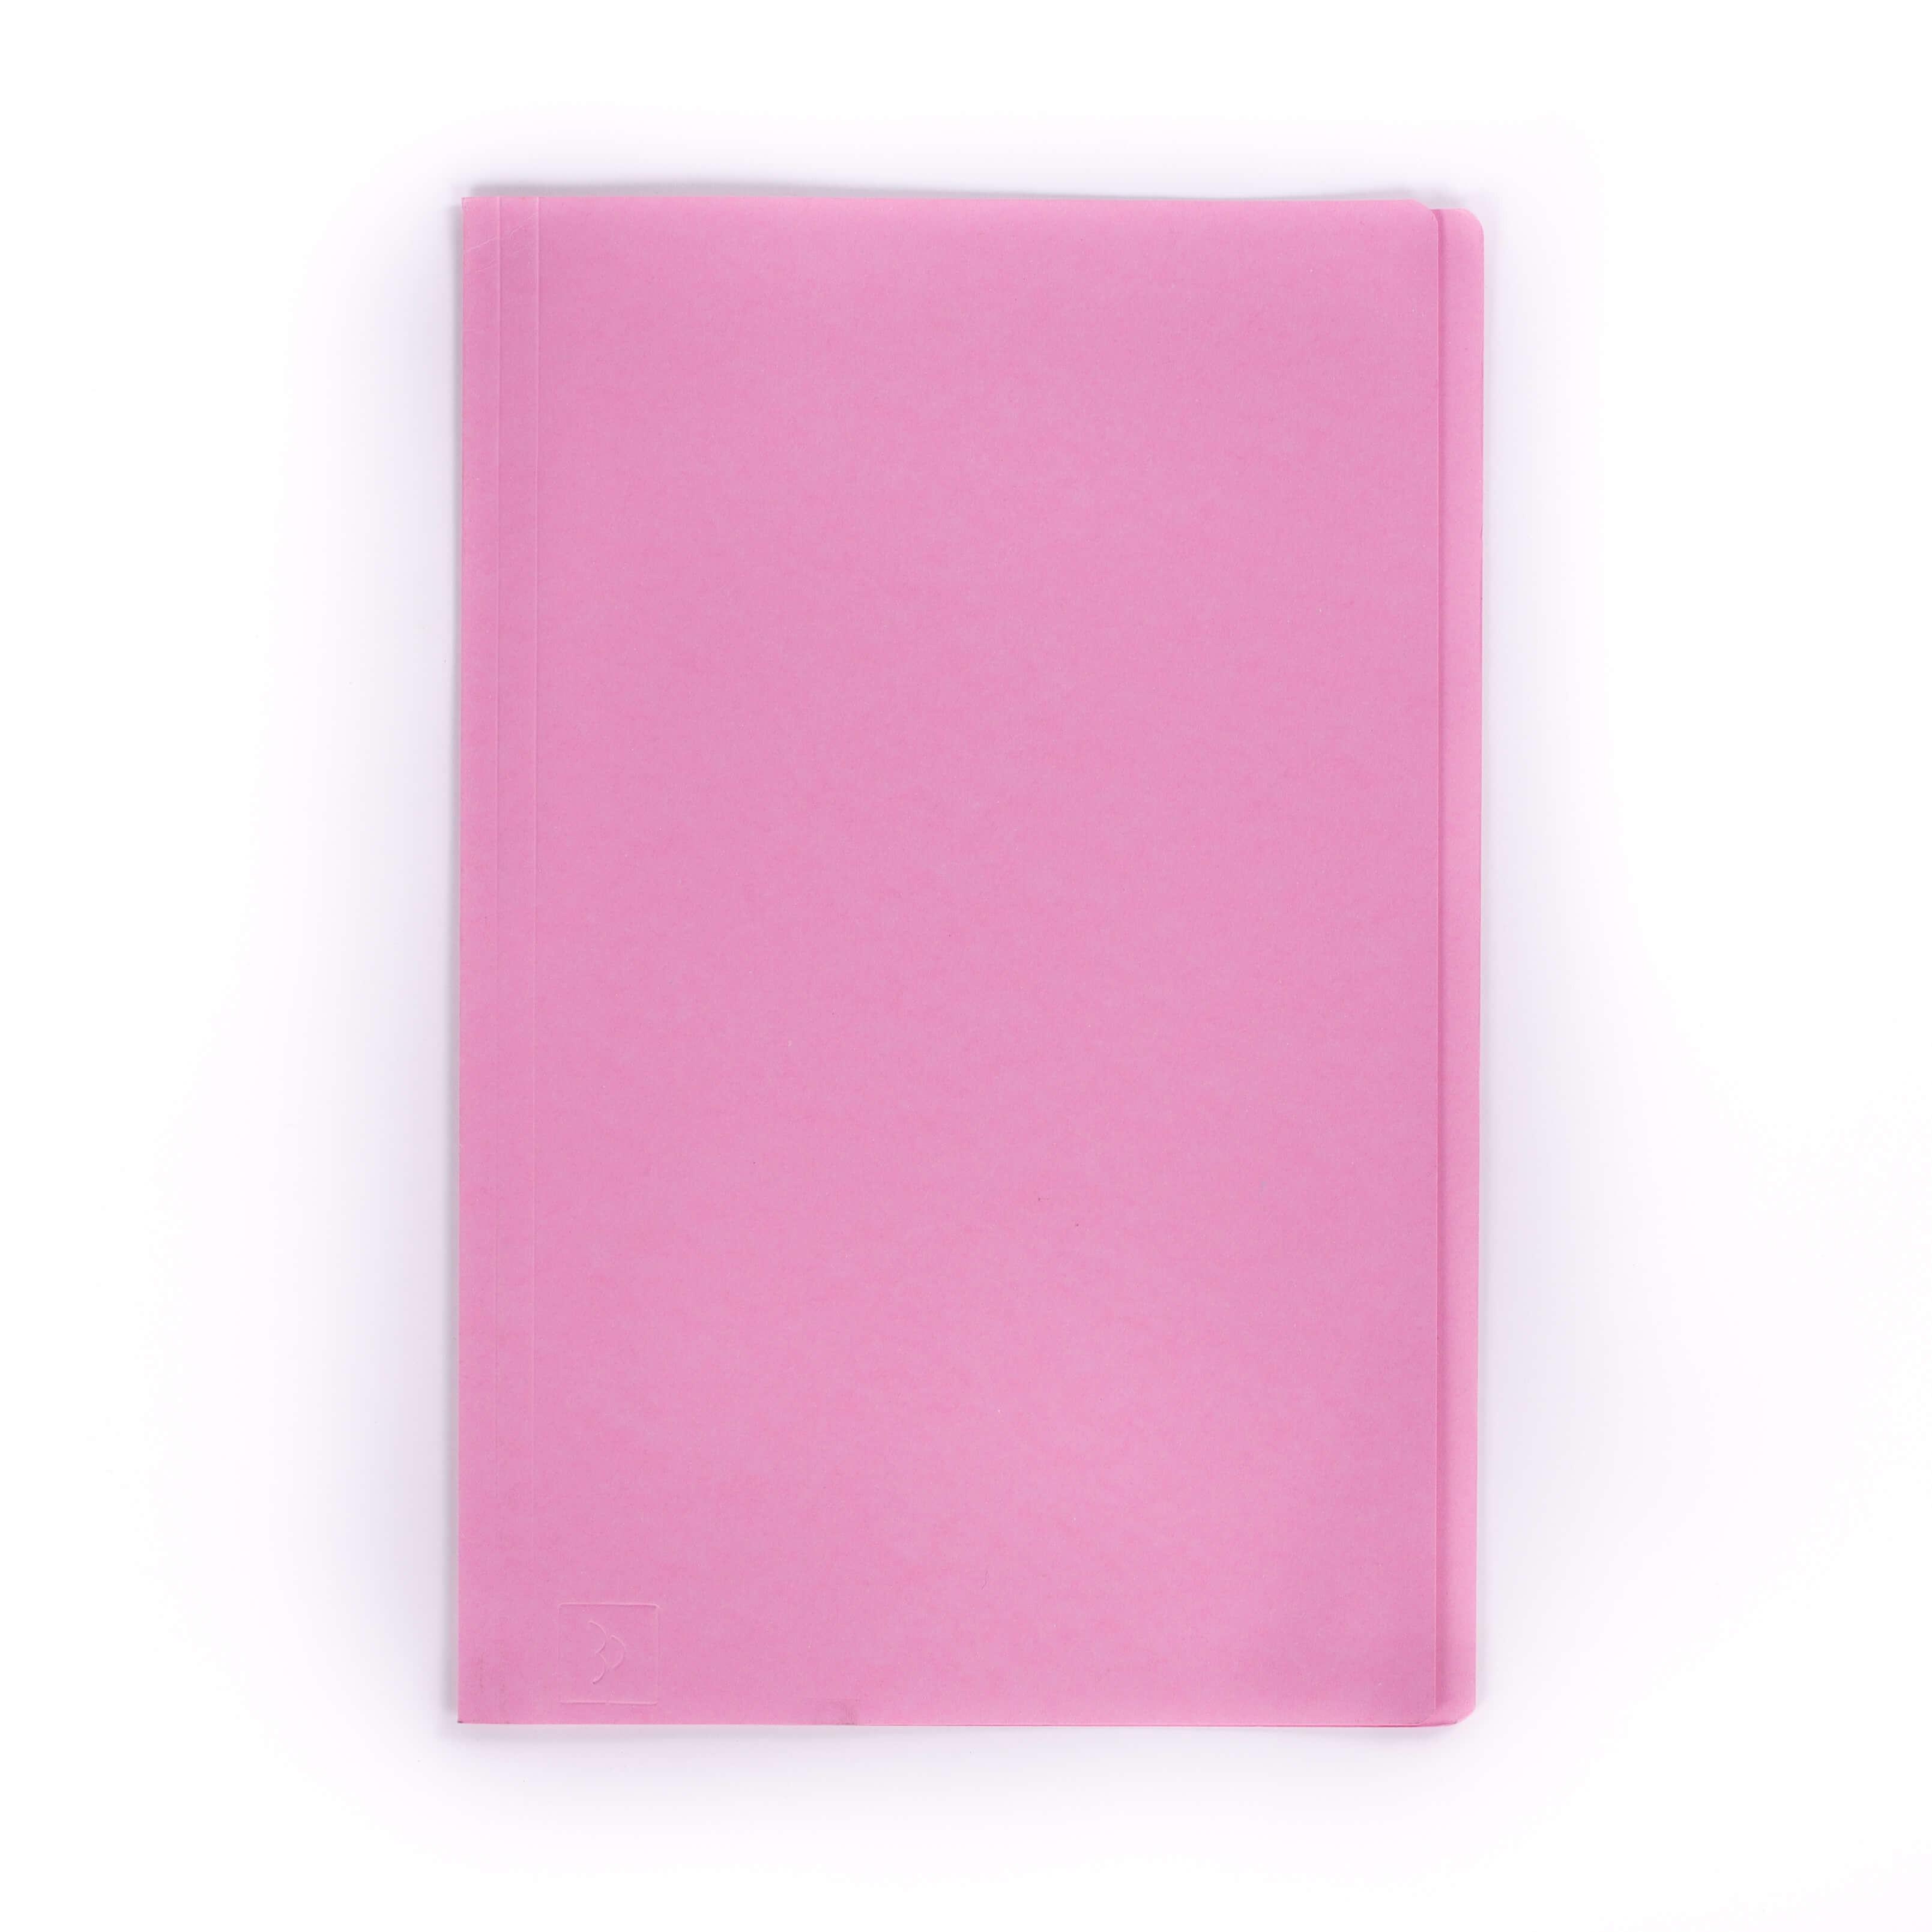 แฟ้มพับกระดาษ ตราใบโพธิ์ สีชมพู F4